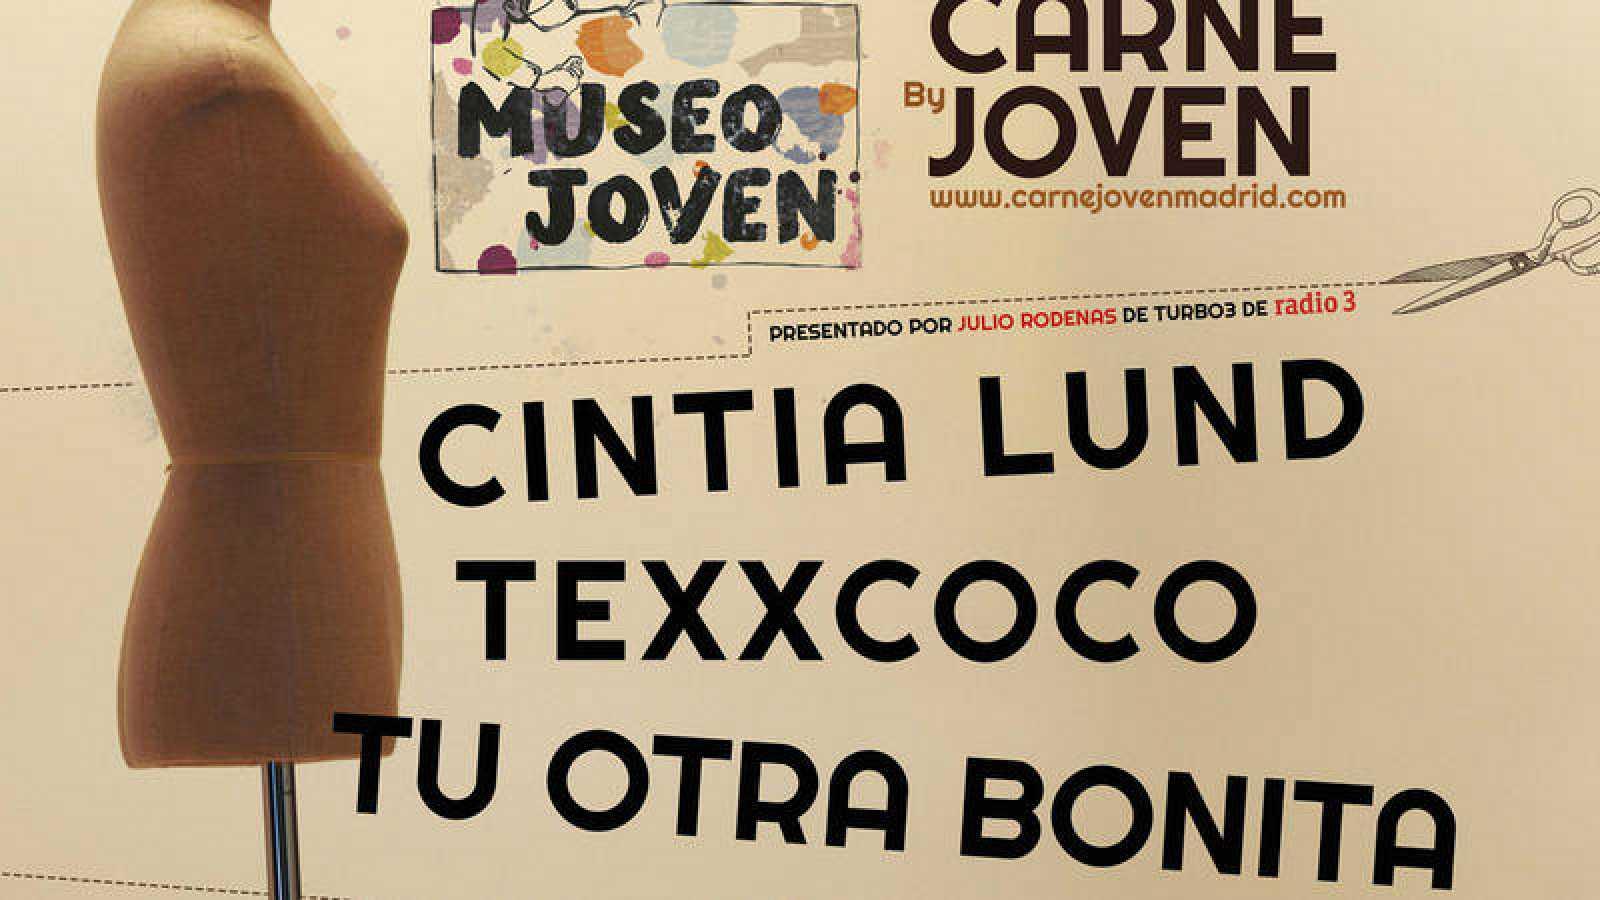 Julio Ródenas, director de Turbo 3, presenta el concierto con lo más jóven y prometedor de nuestra escena